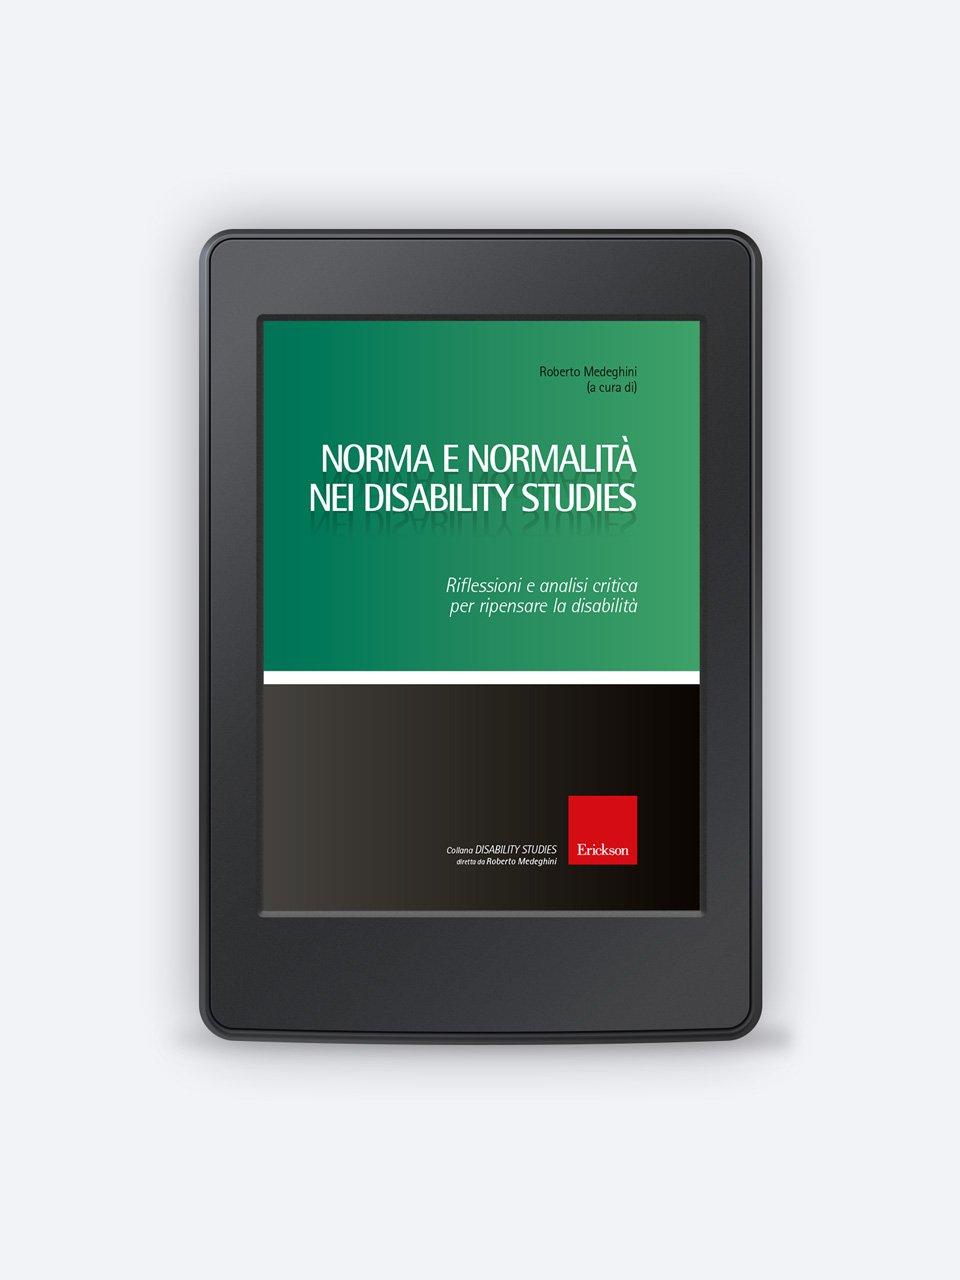 Norma e normalità nei disability studies - Libri - Erickson 3